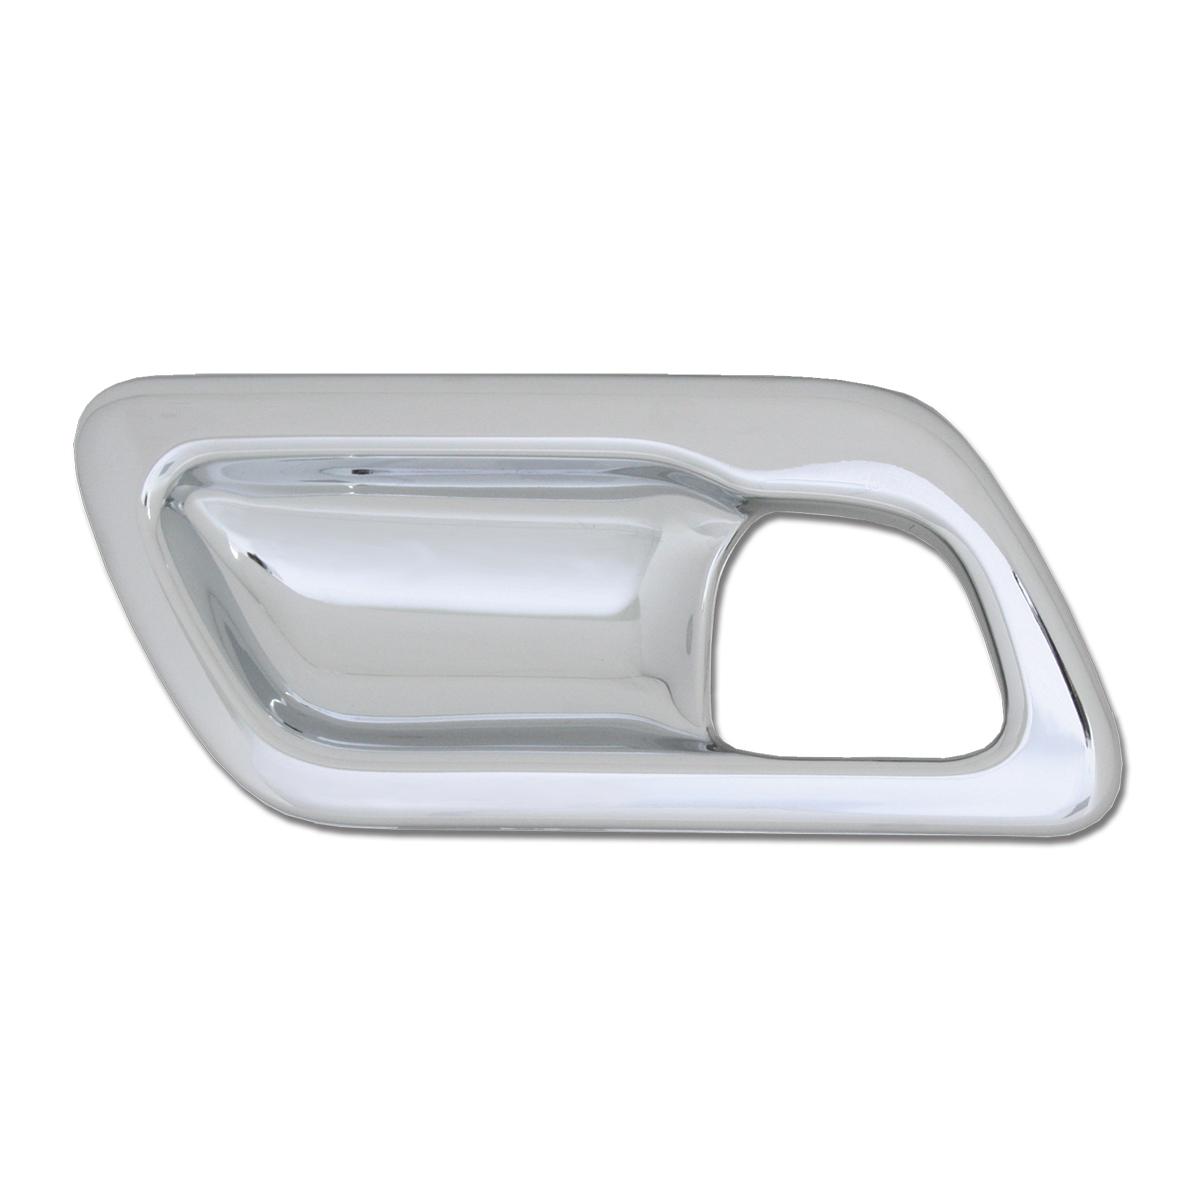 52006 Interior Door Handle Cover for Peterbilt, Passenger Side